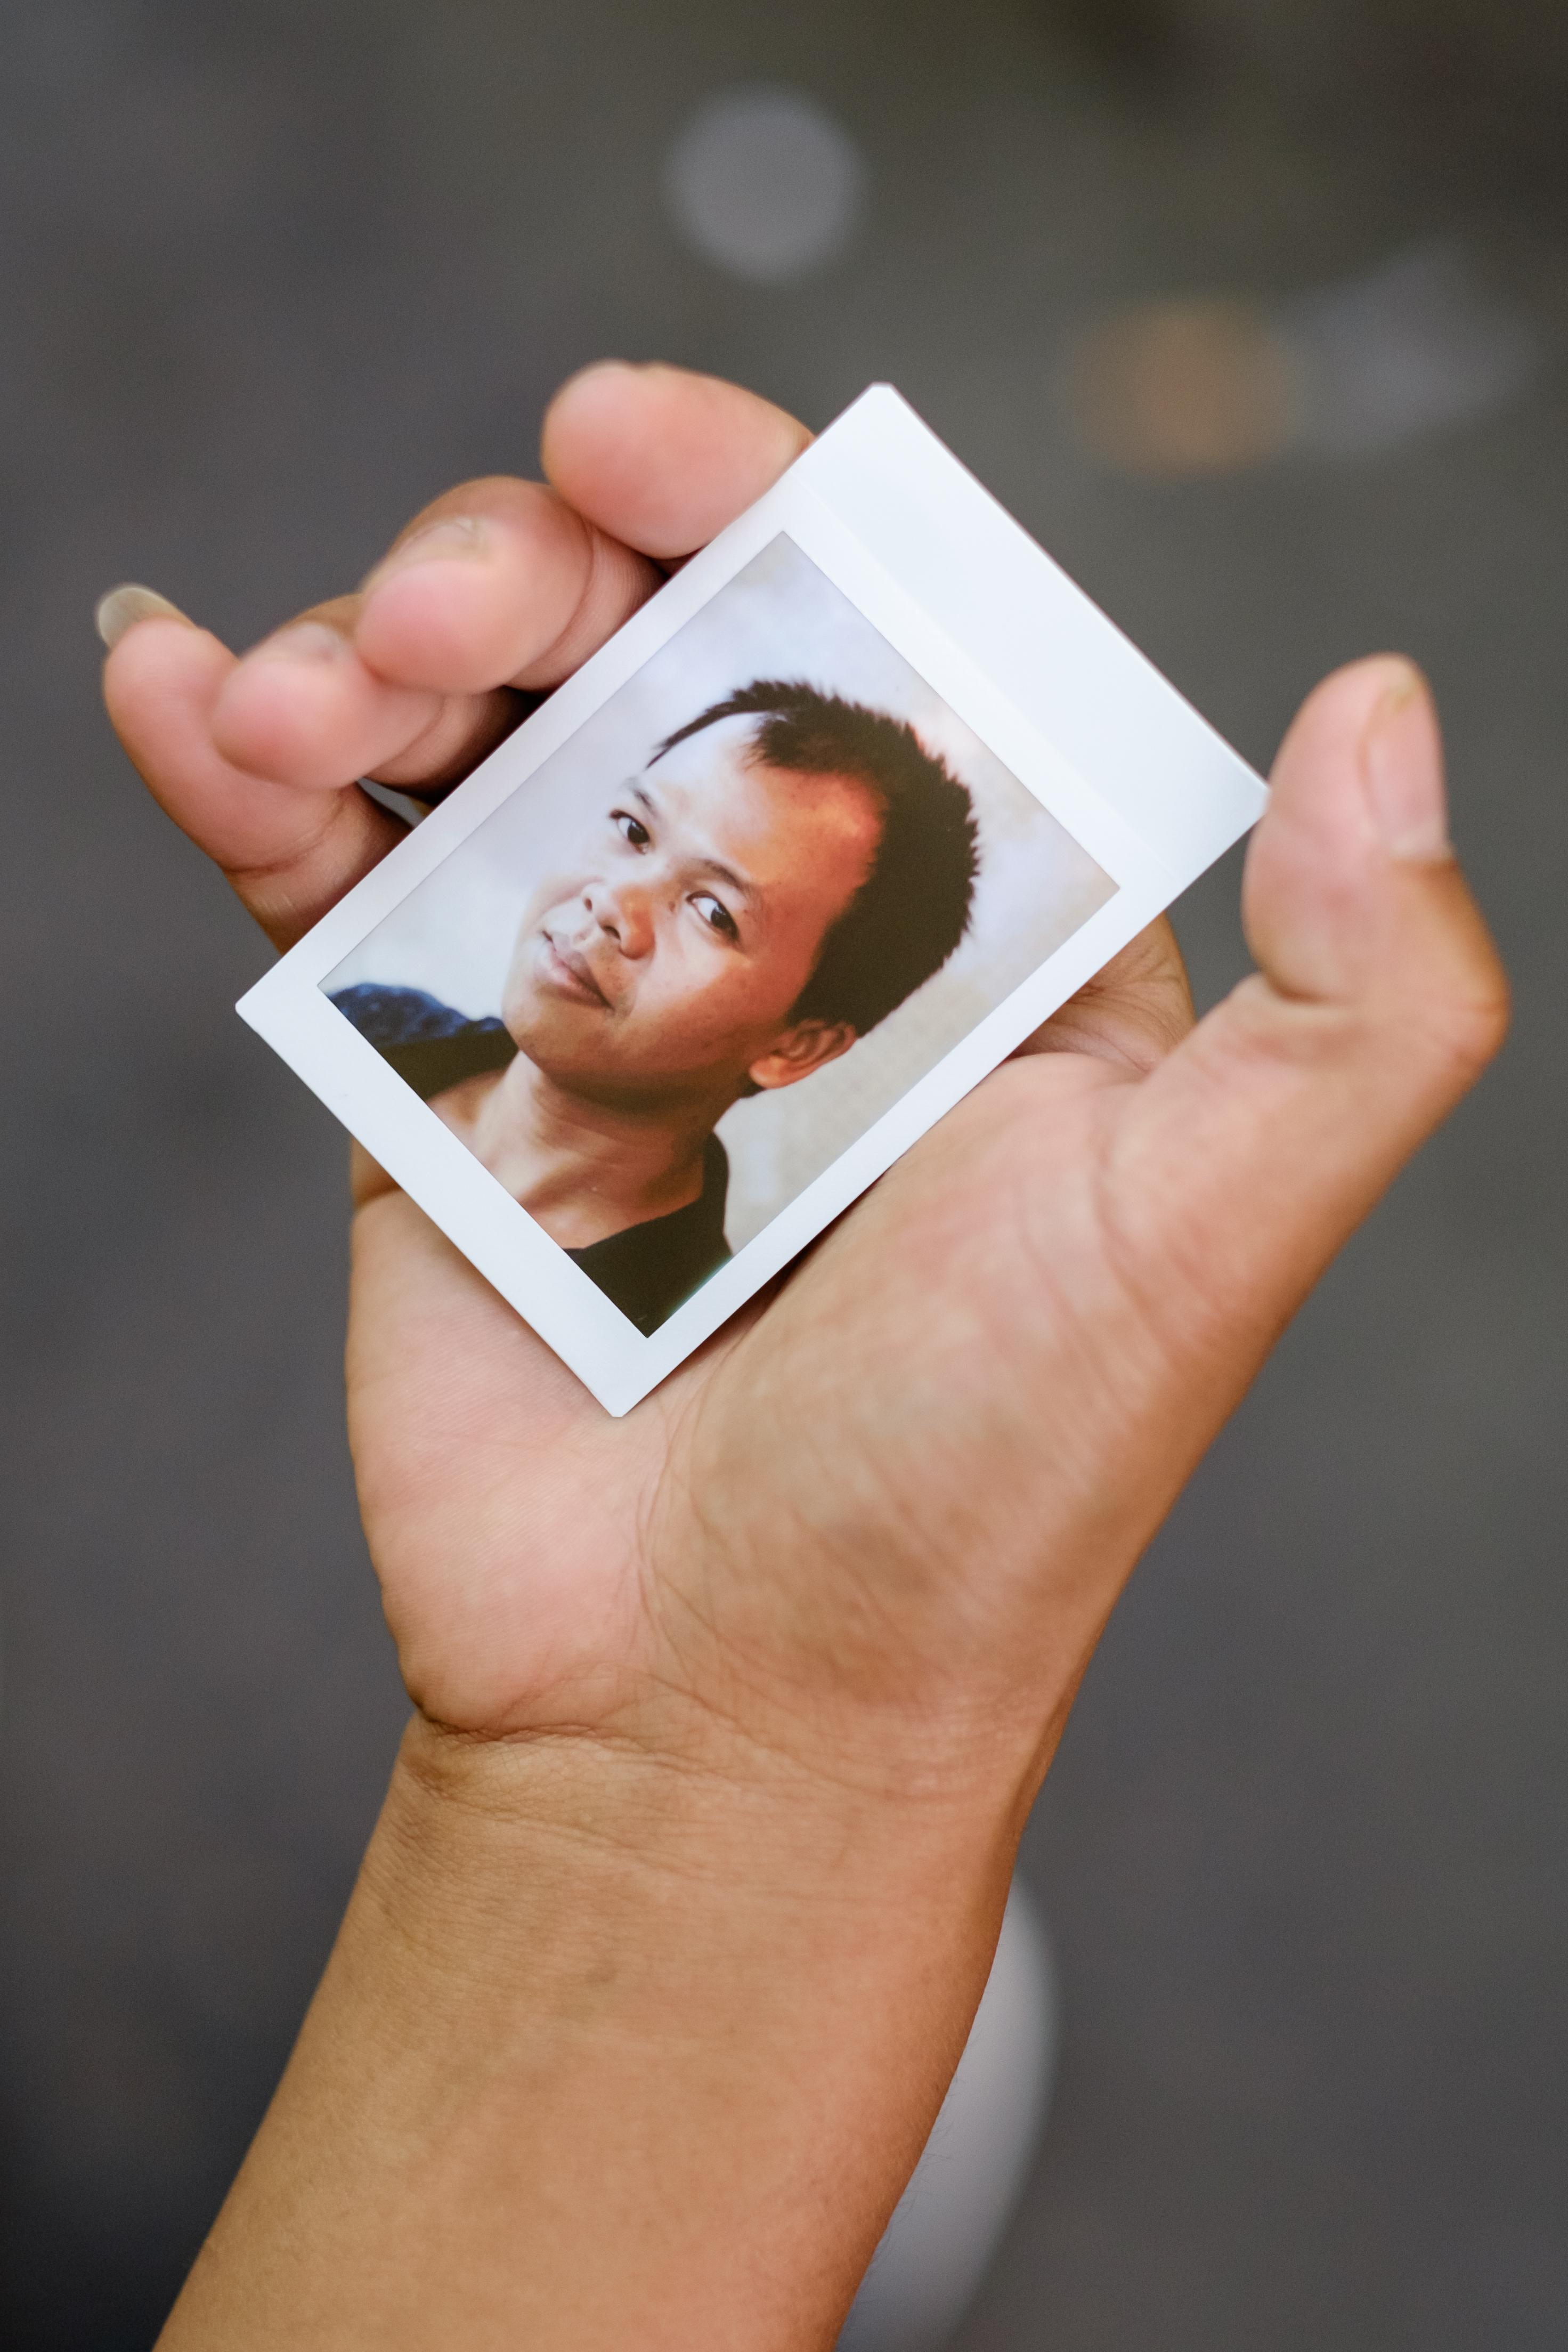 Olivier Bourget portrait dans la main-130